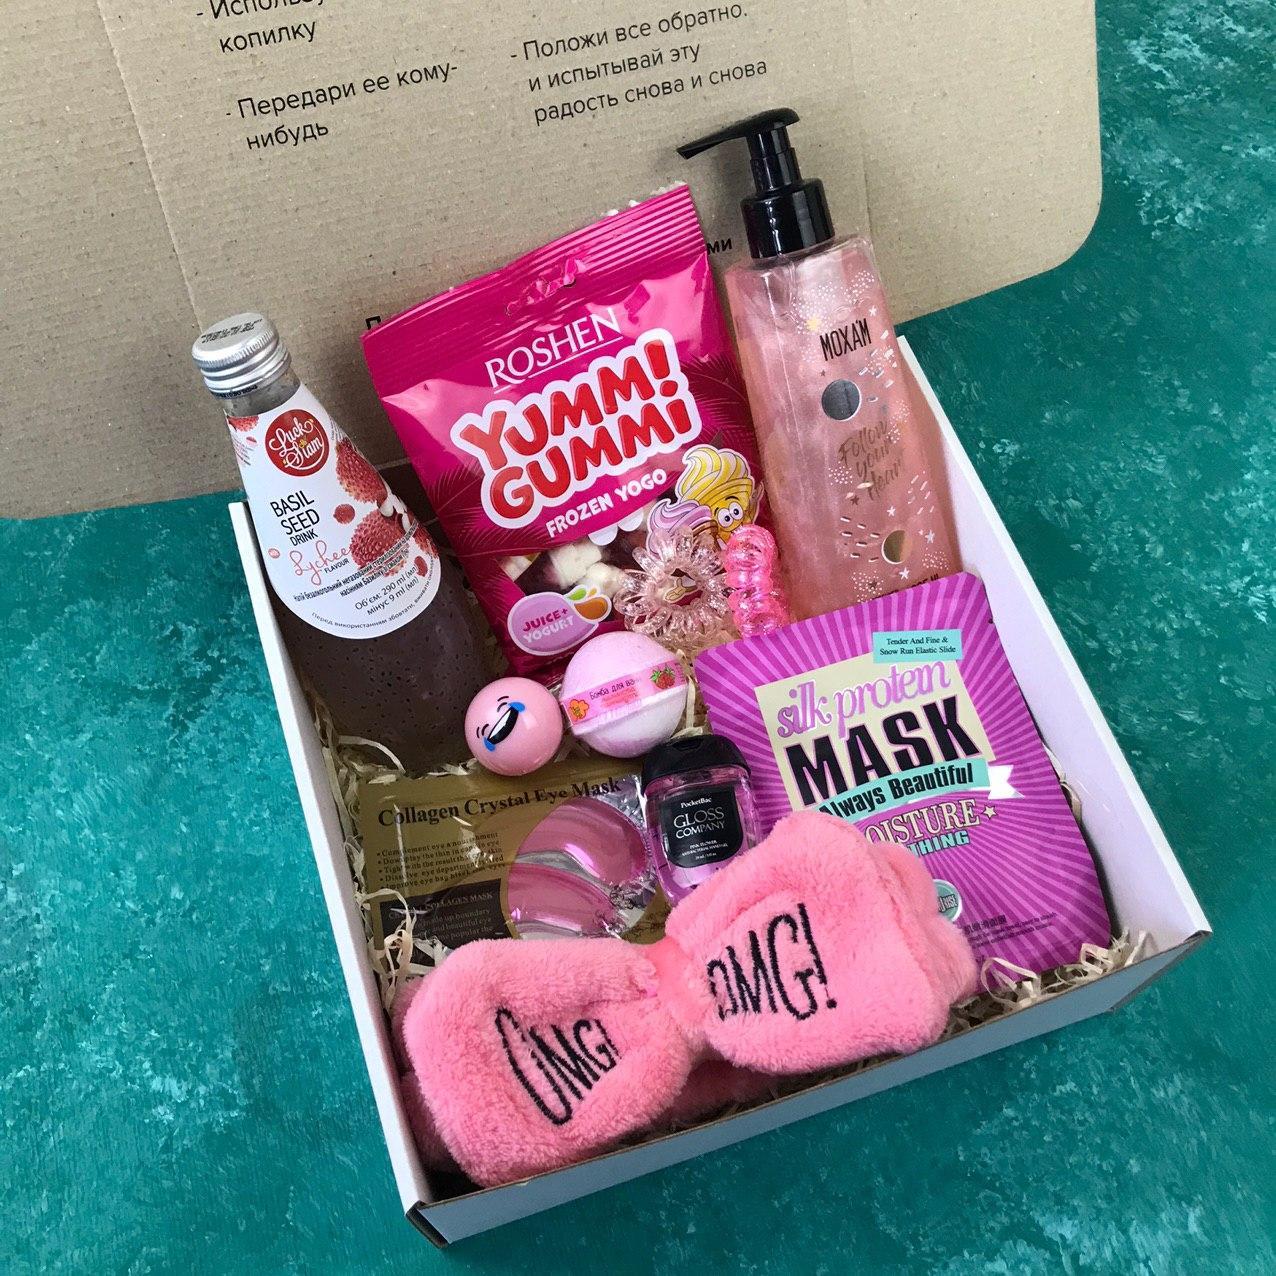 Подарочный Набор City-A Box Бокс для Женщины Сладкий Sweet Бьюти Beauty Box из 11 ед №2858